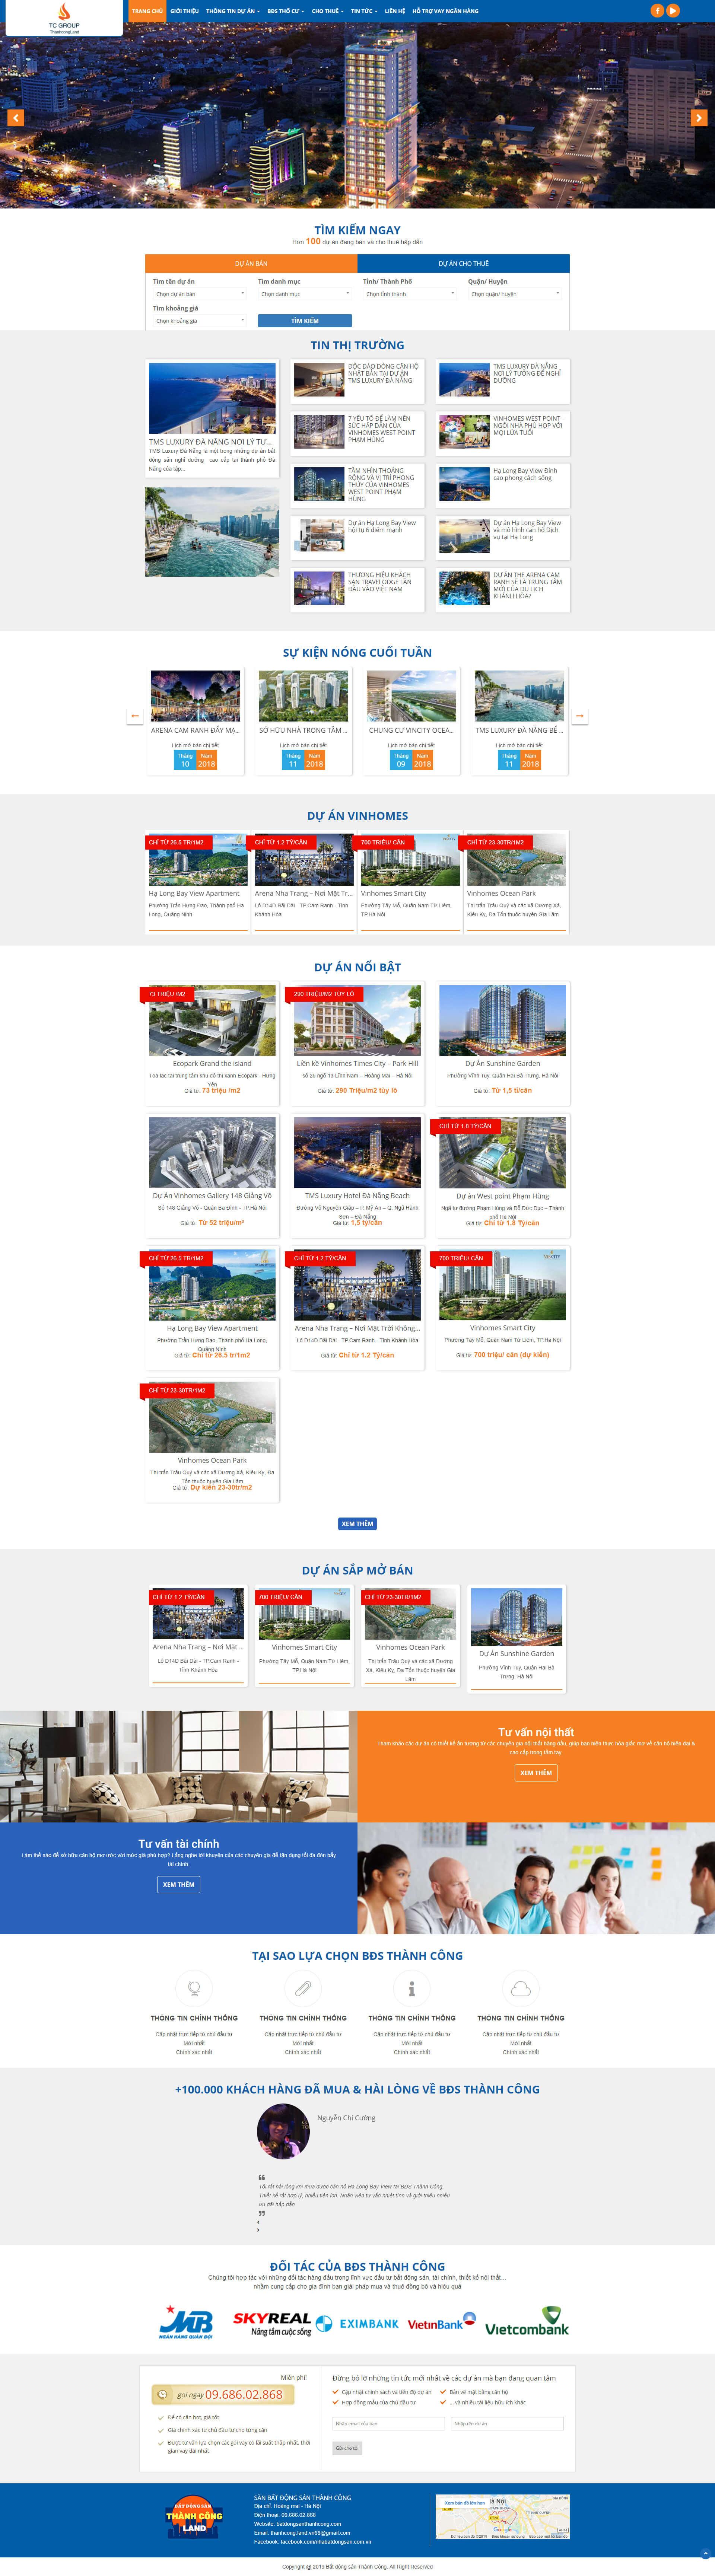 Mẫu website bất động sản cho nhiều dự án 2